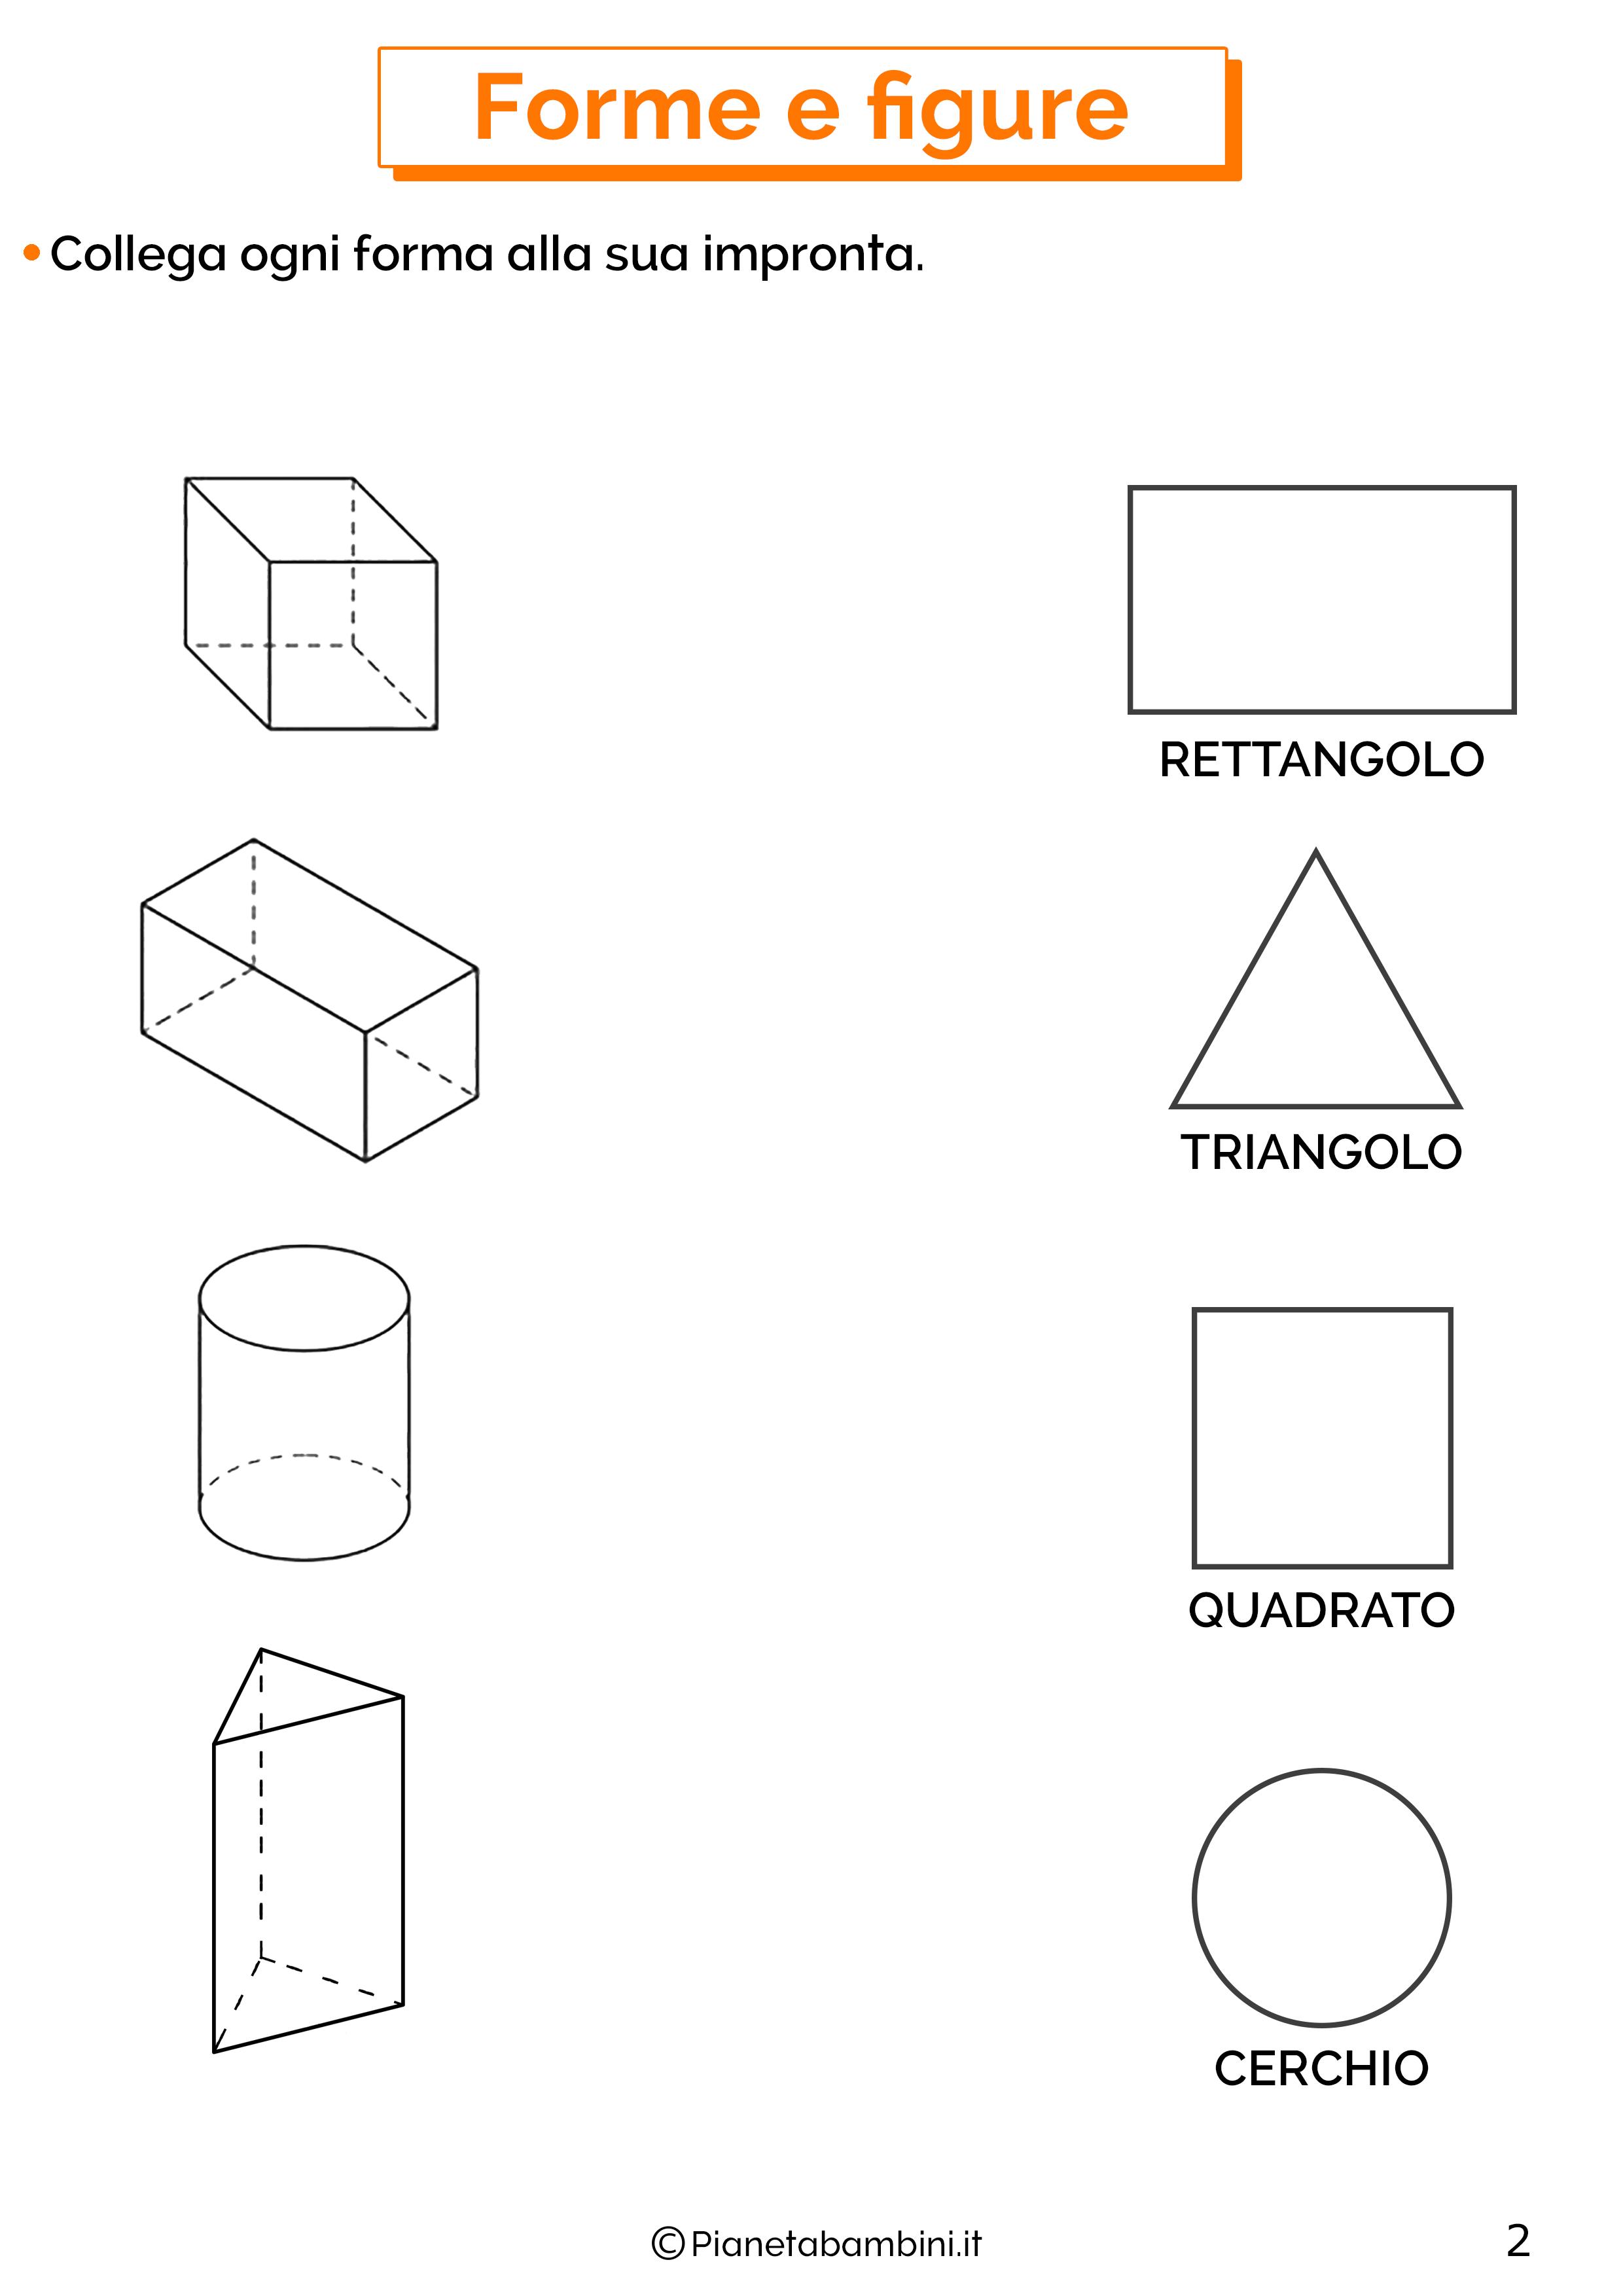 Esercizi su forme e figure 2